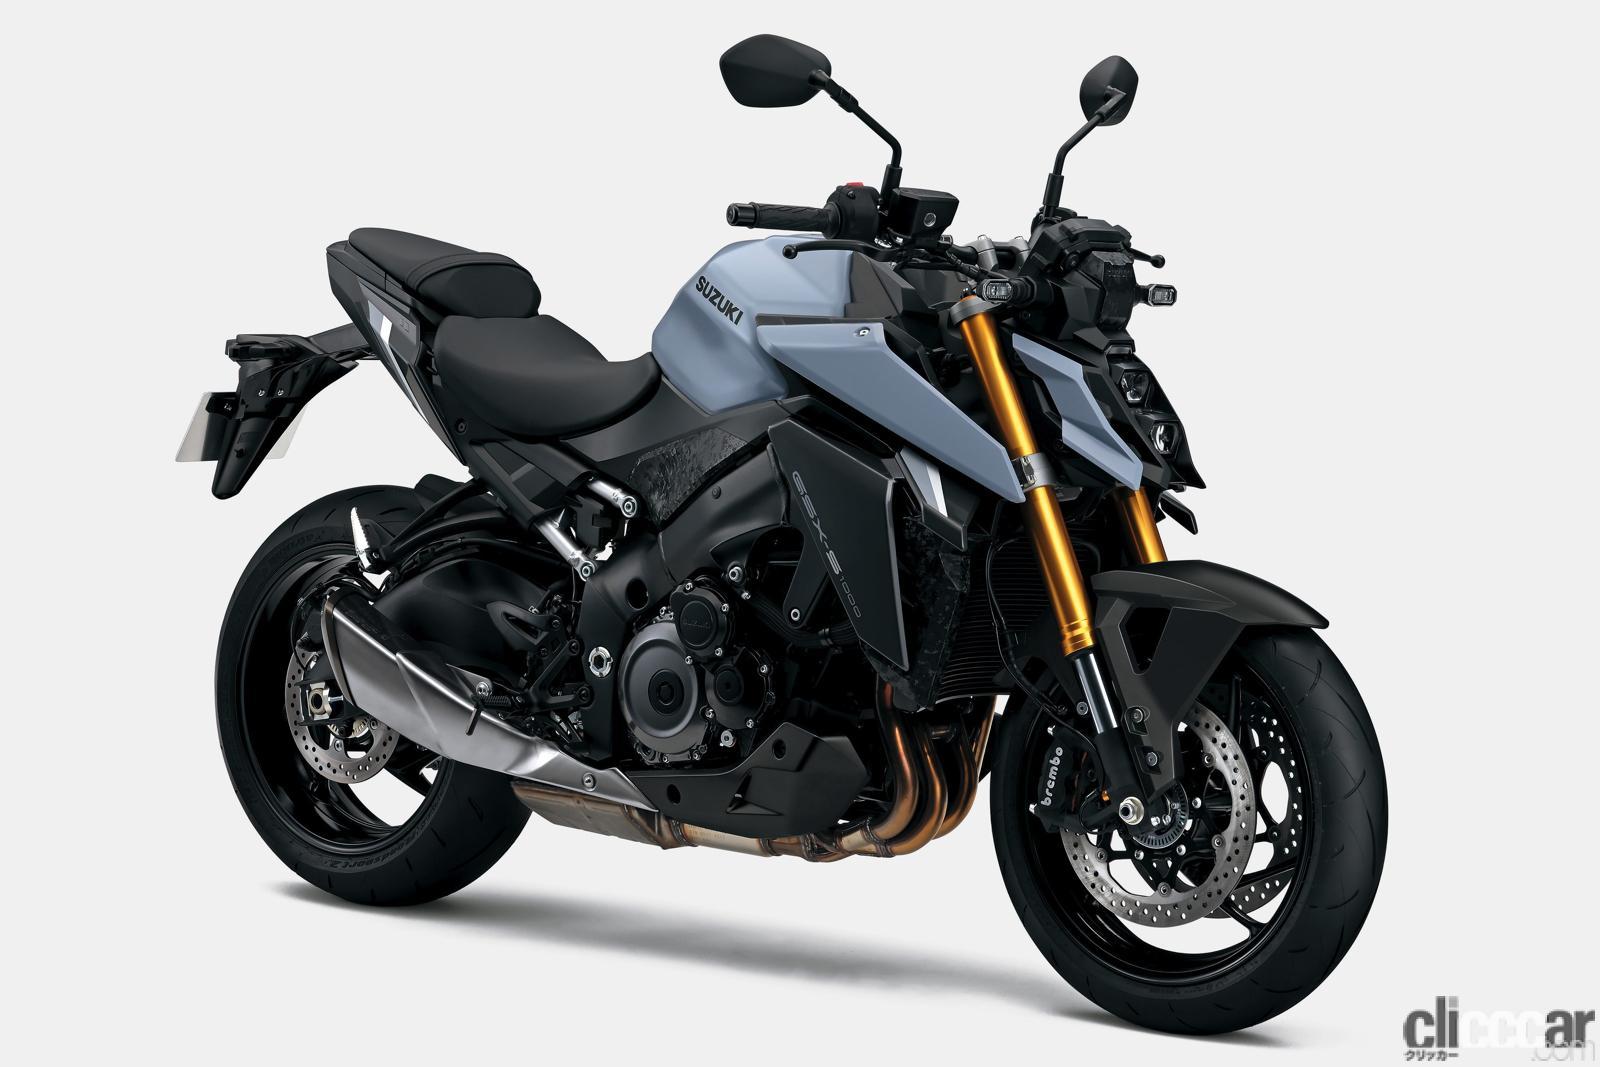 「スズキがマッチョ系ビッグバイク・2021年型「GSX-S1000」を国内投入! 欧州仕様とほぼ同スペックで143万円」の3枚目の画像